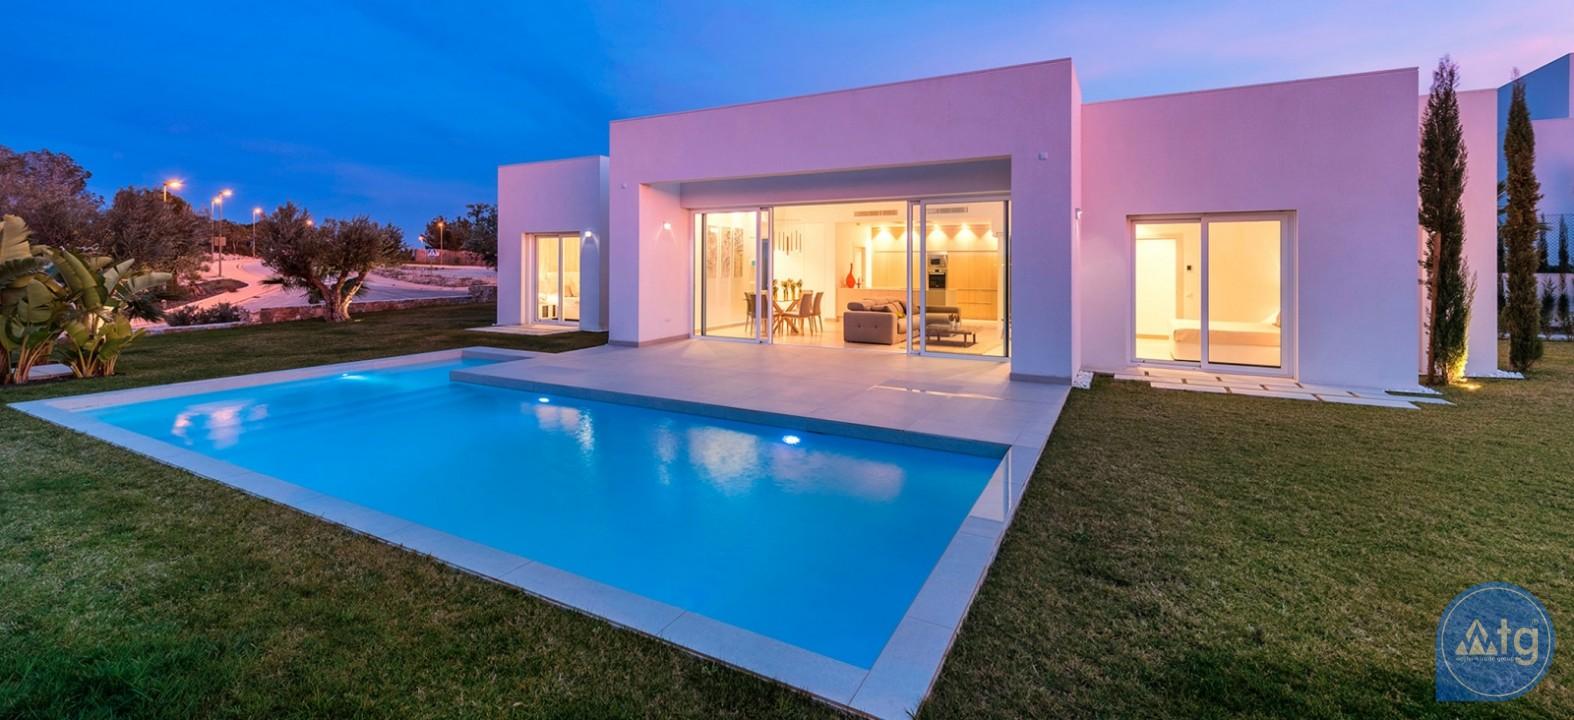 1 bedroom Apartment in Pilar de la Horadada  - SR2615 - 2